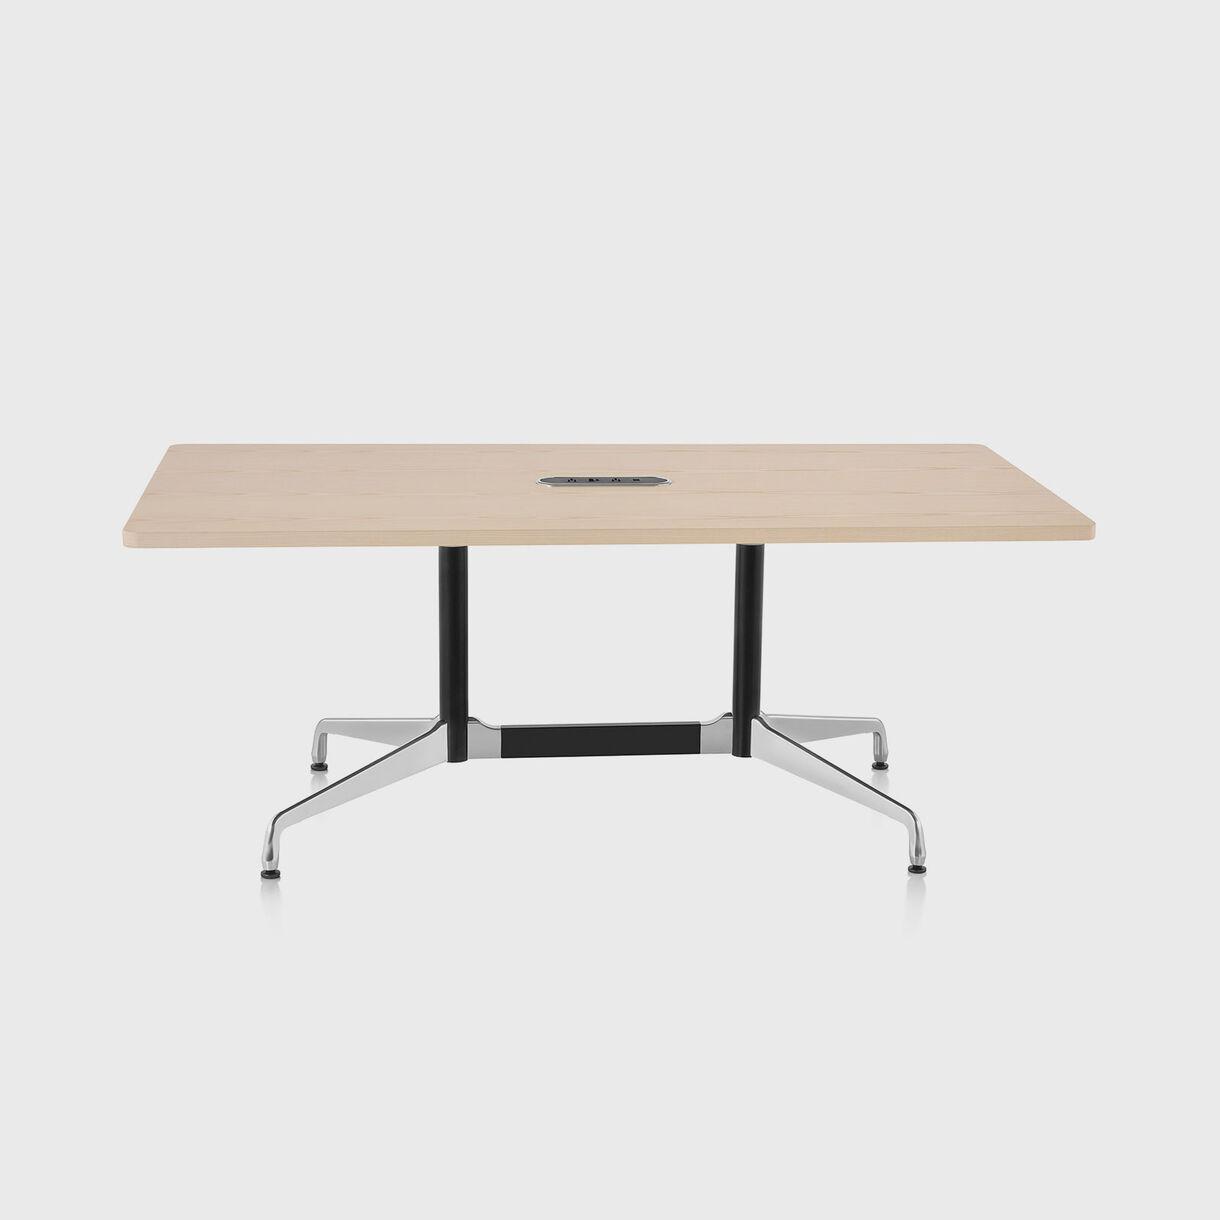 Eames Table, Segmented Base